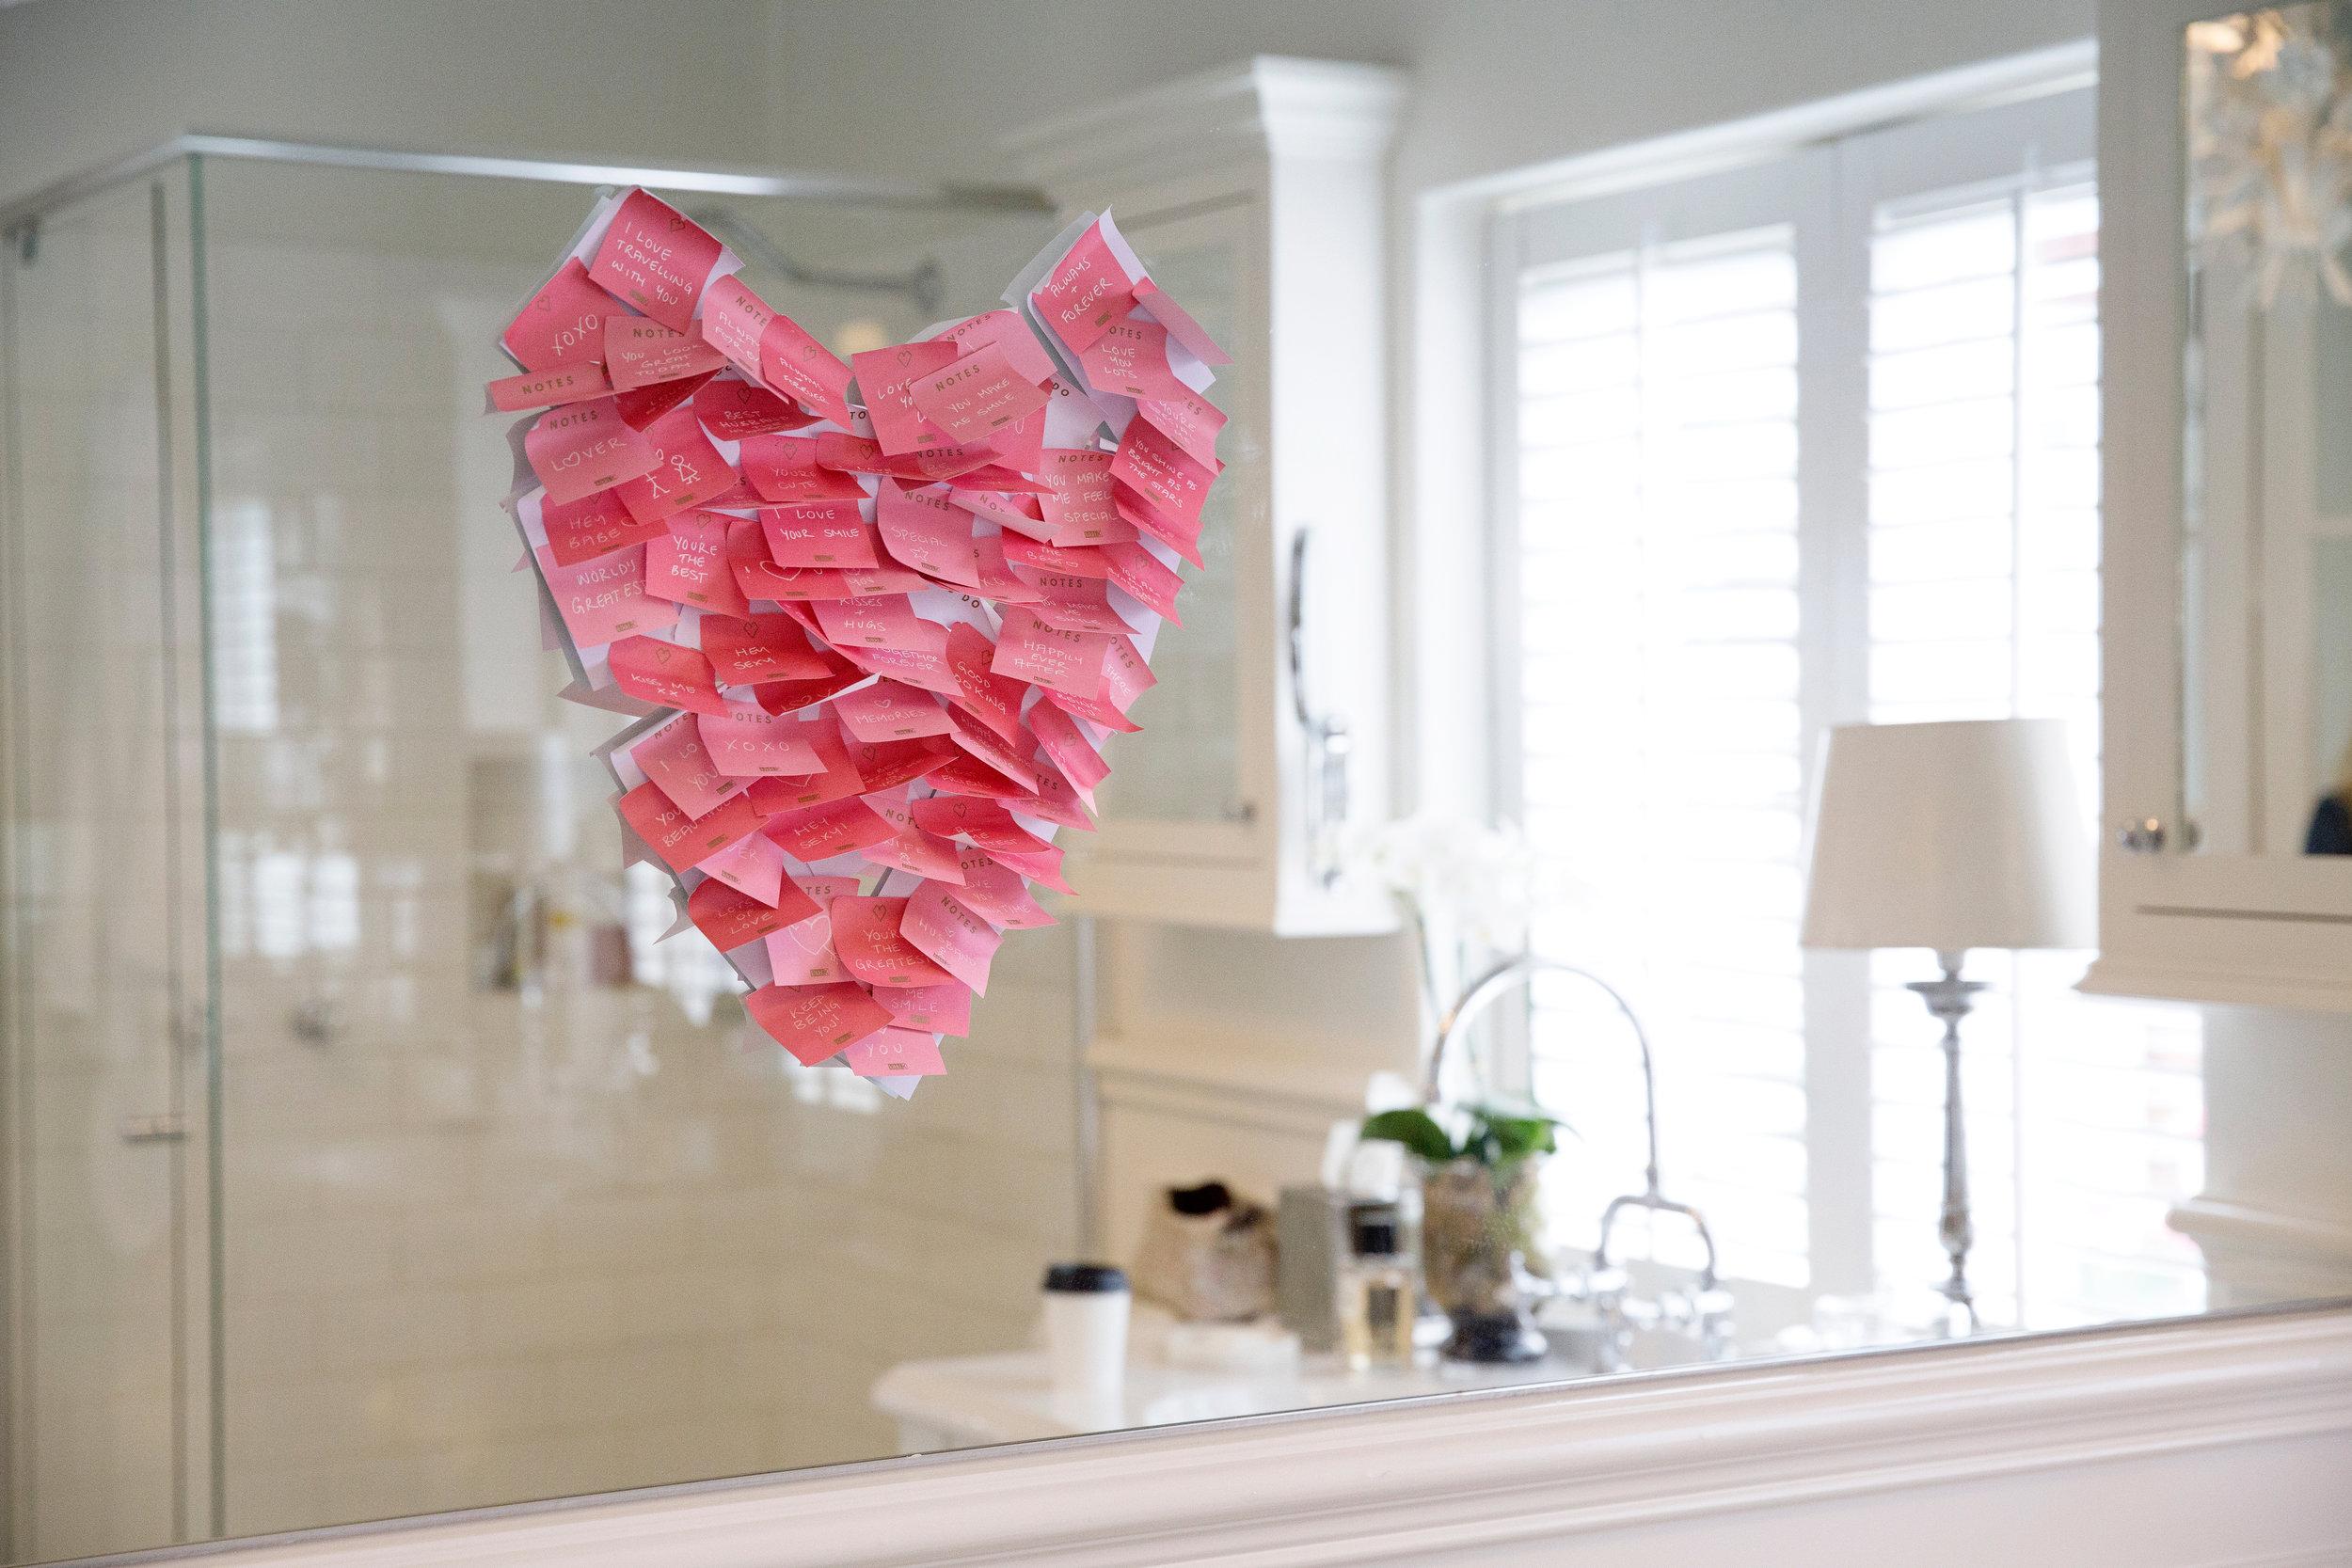 Sticky Heart 005-1.jpg